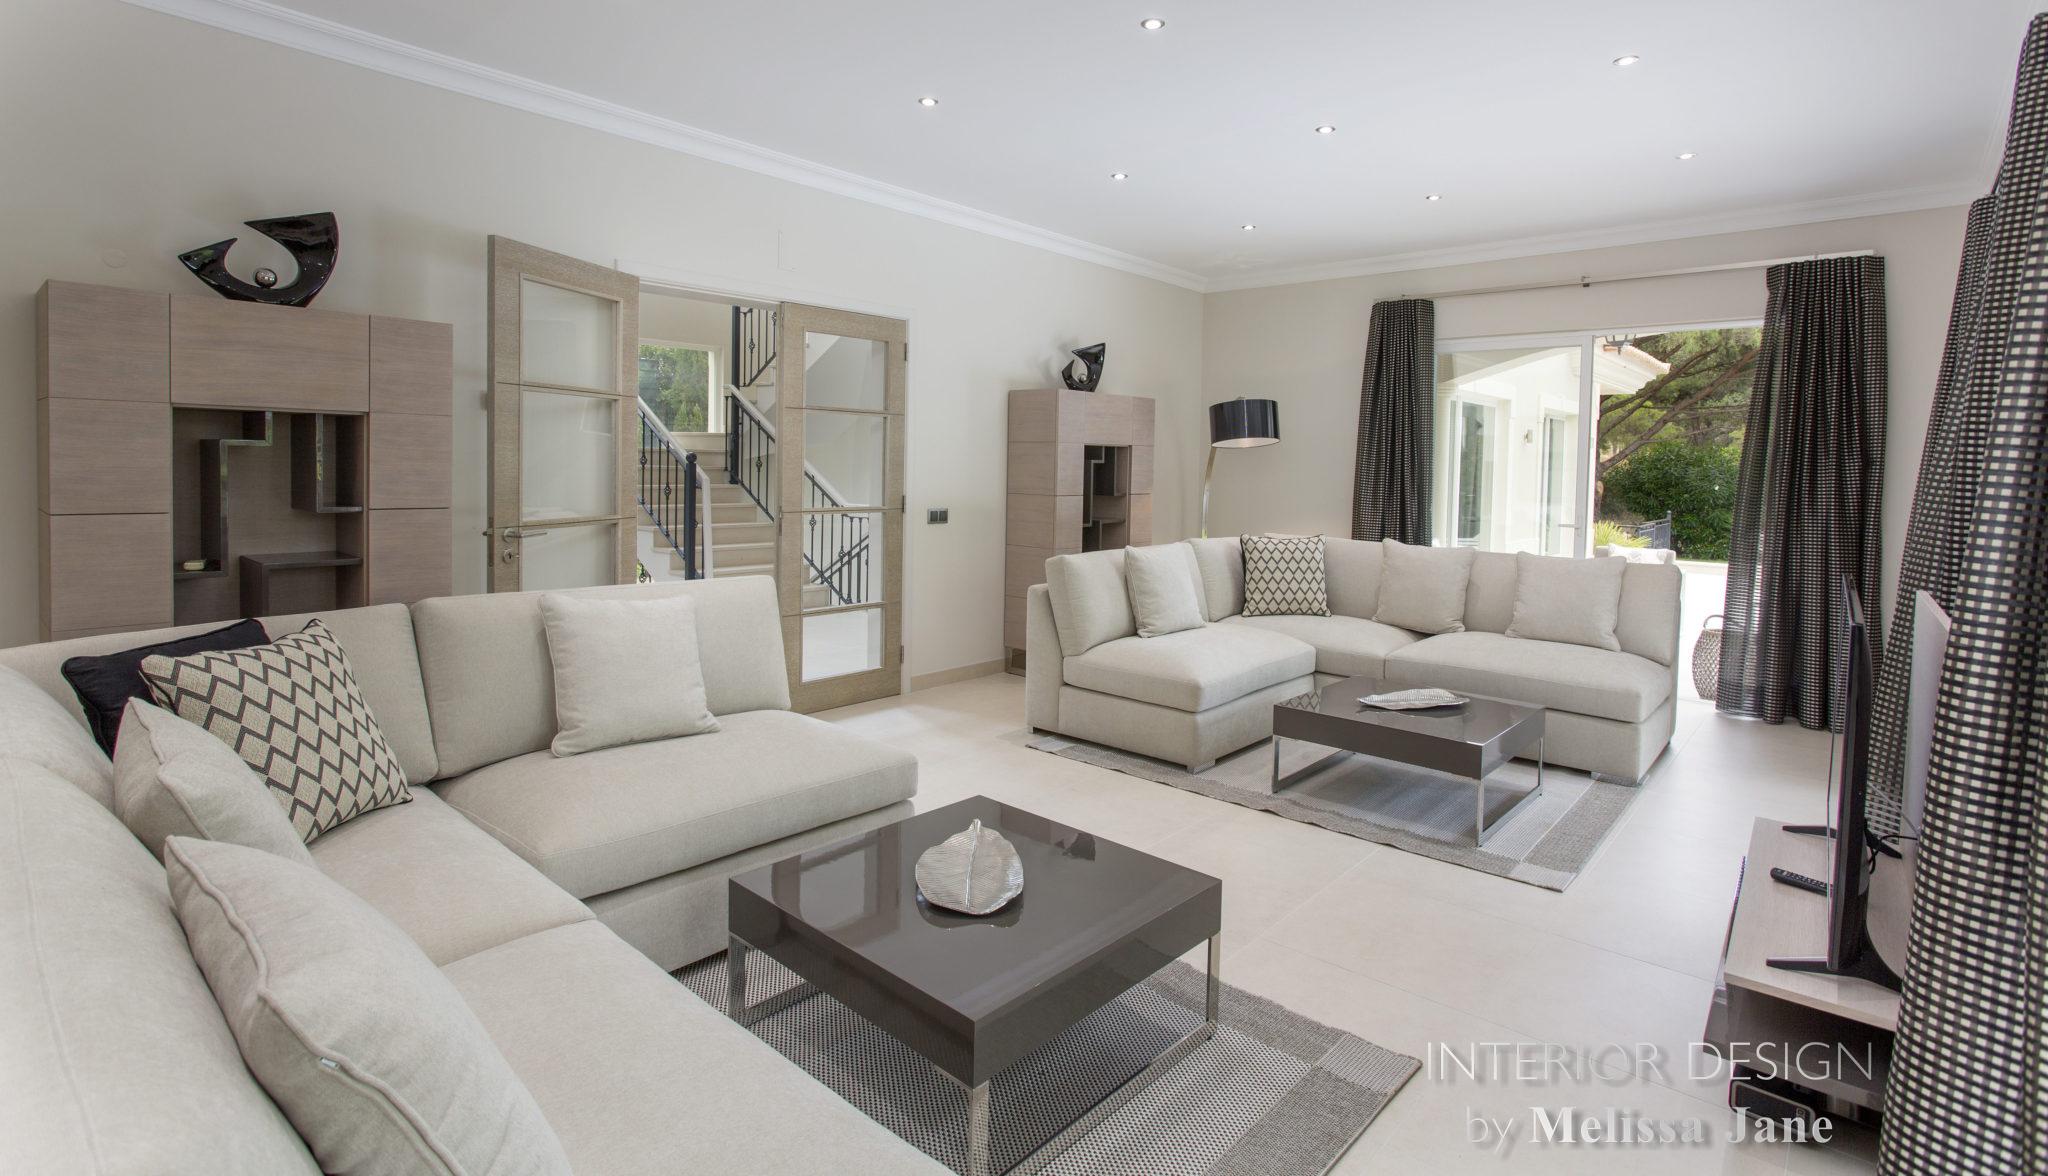 Lounge - Living Room Design